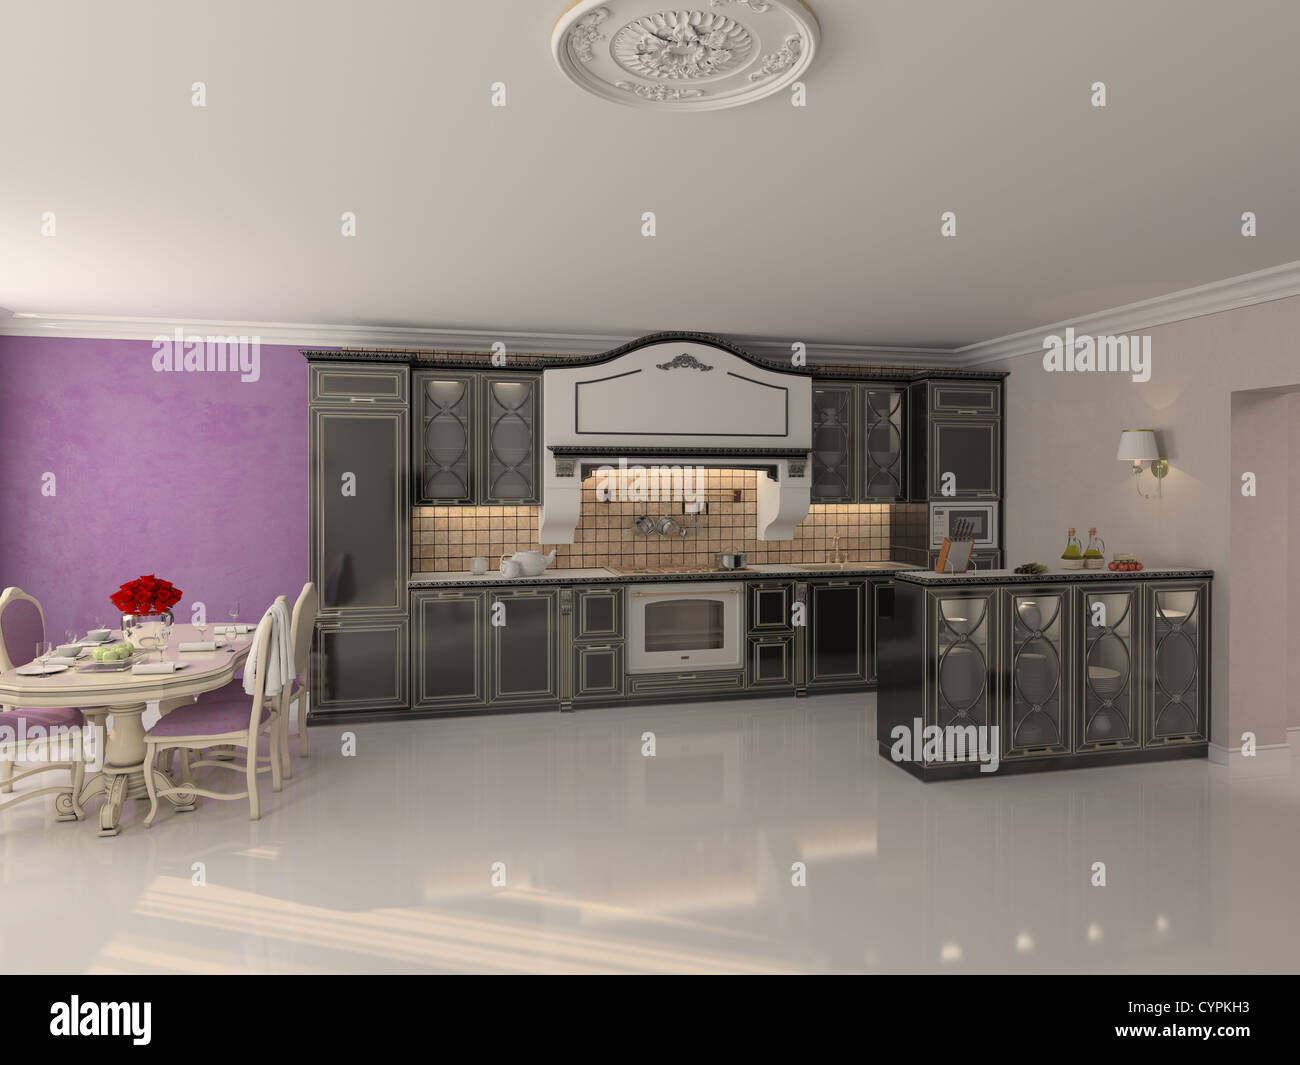 Picturesque Luxus Küche Gallery Of Küche Interieur Im Klassischen Stil (3d-rendering)